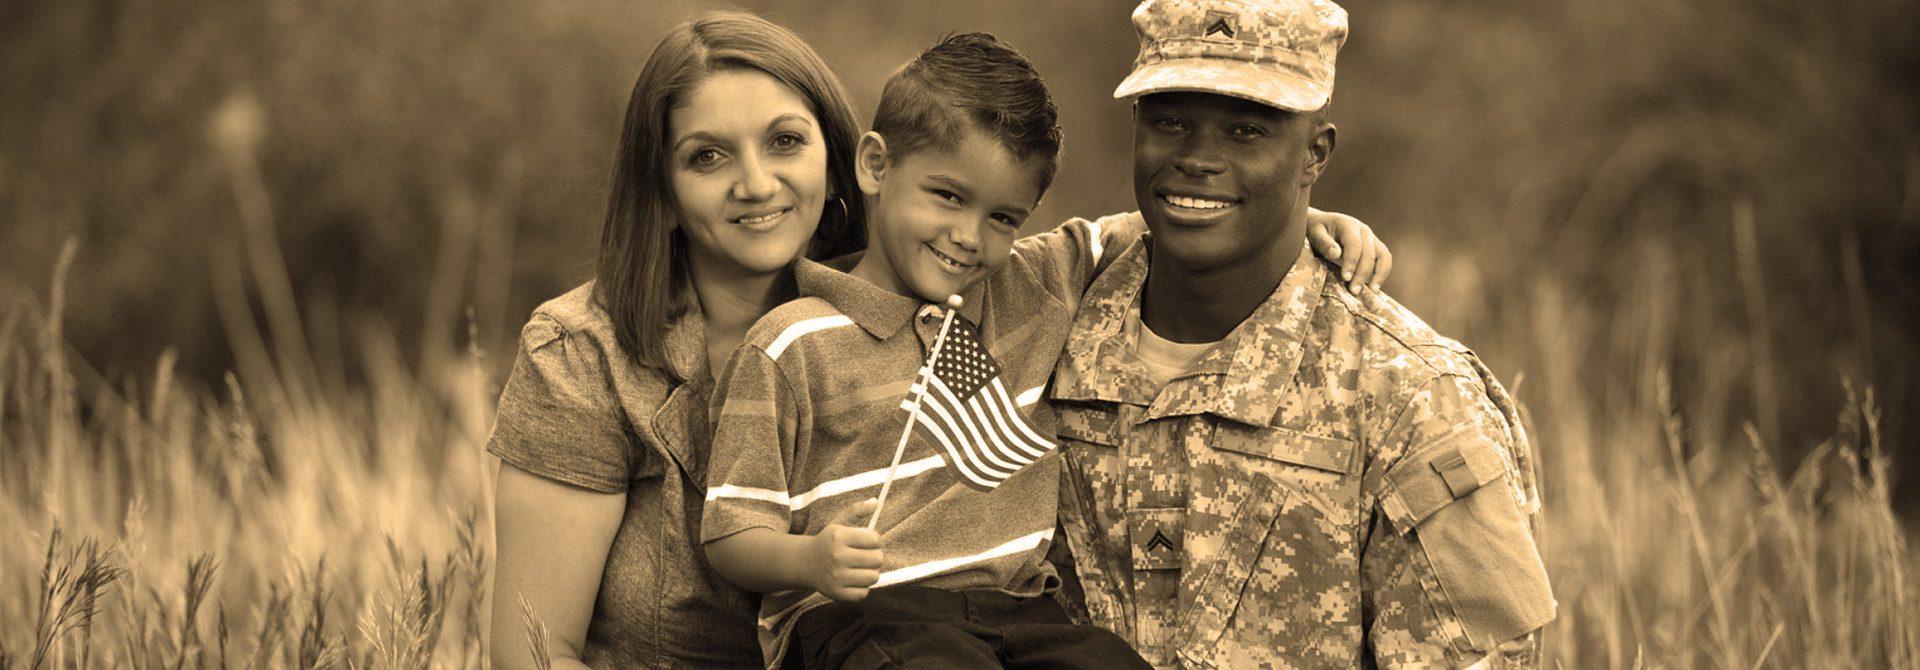 Soldier Staffing